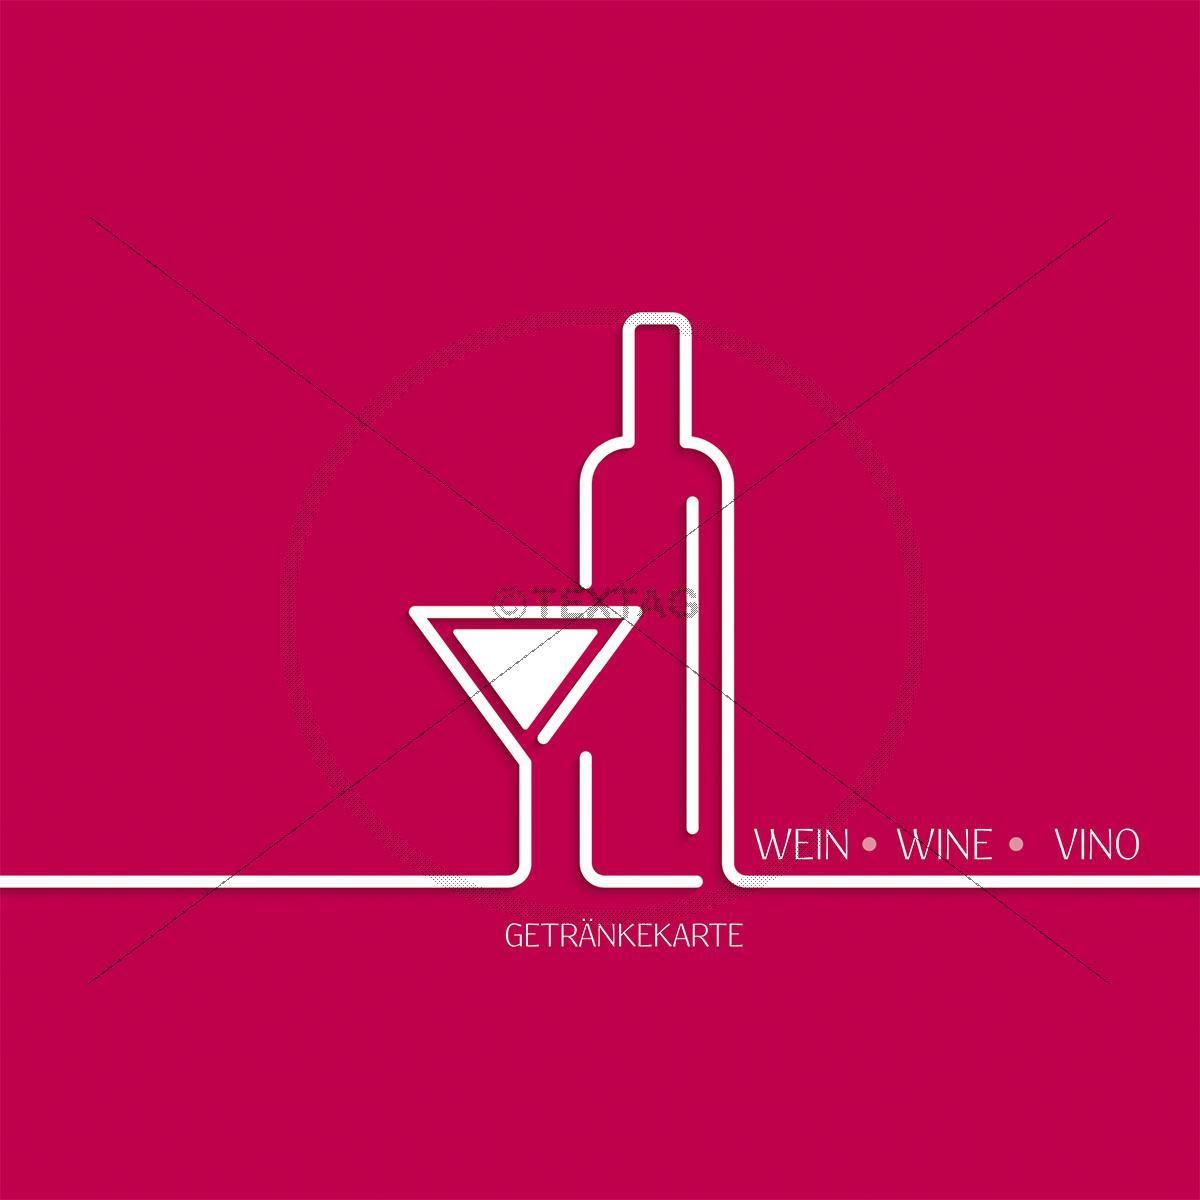 Deckblatt Weinkarte Designvorlage Wein Wine Vino 210